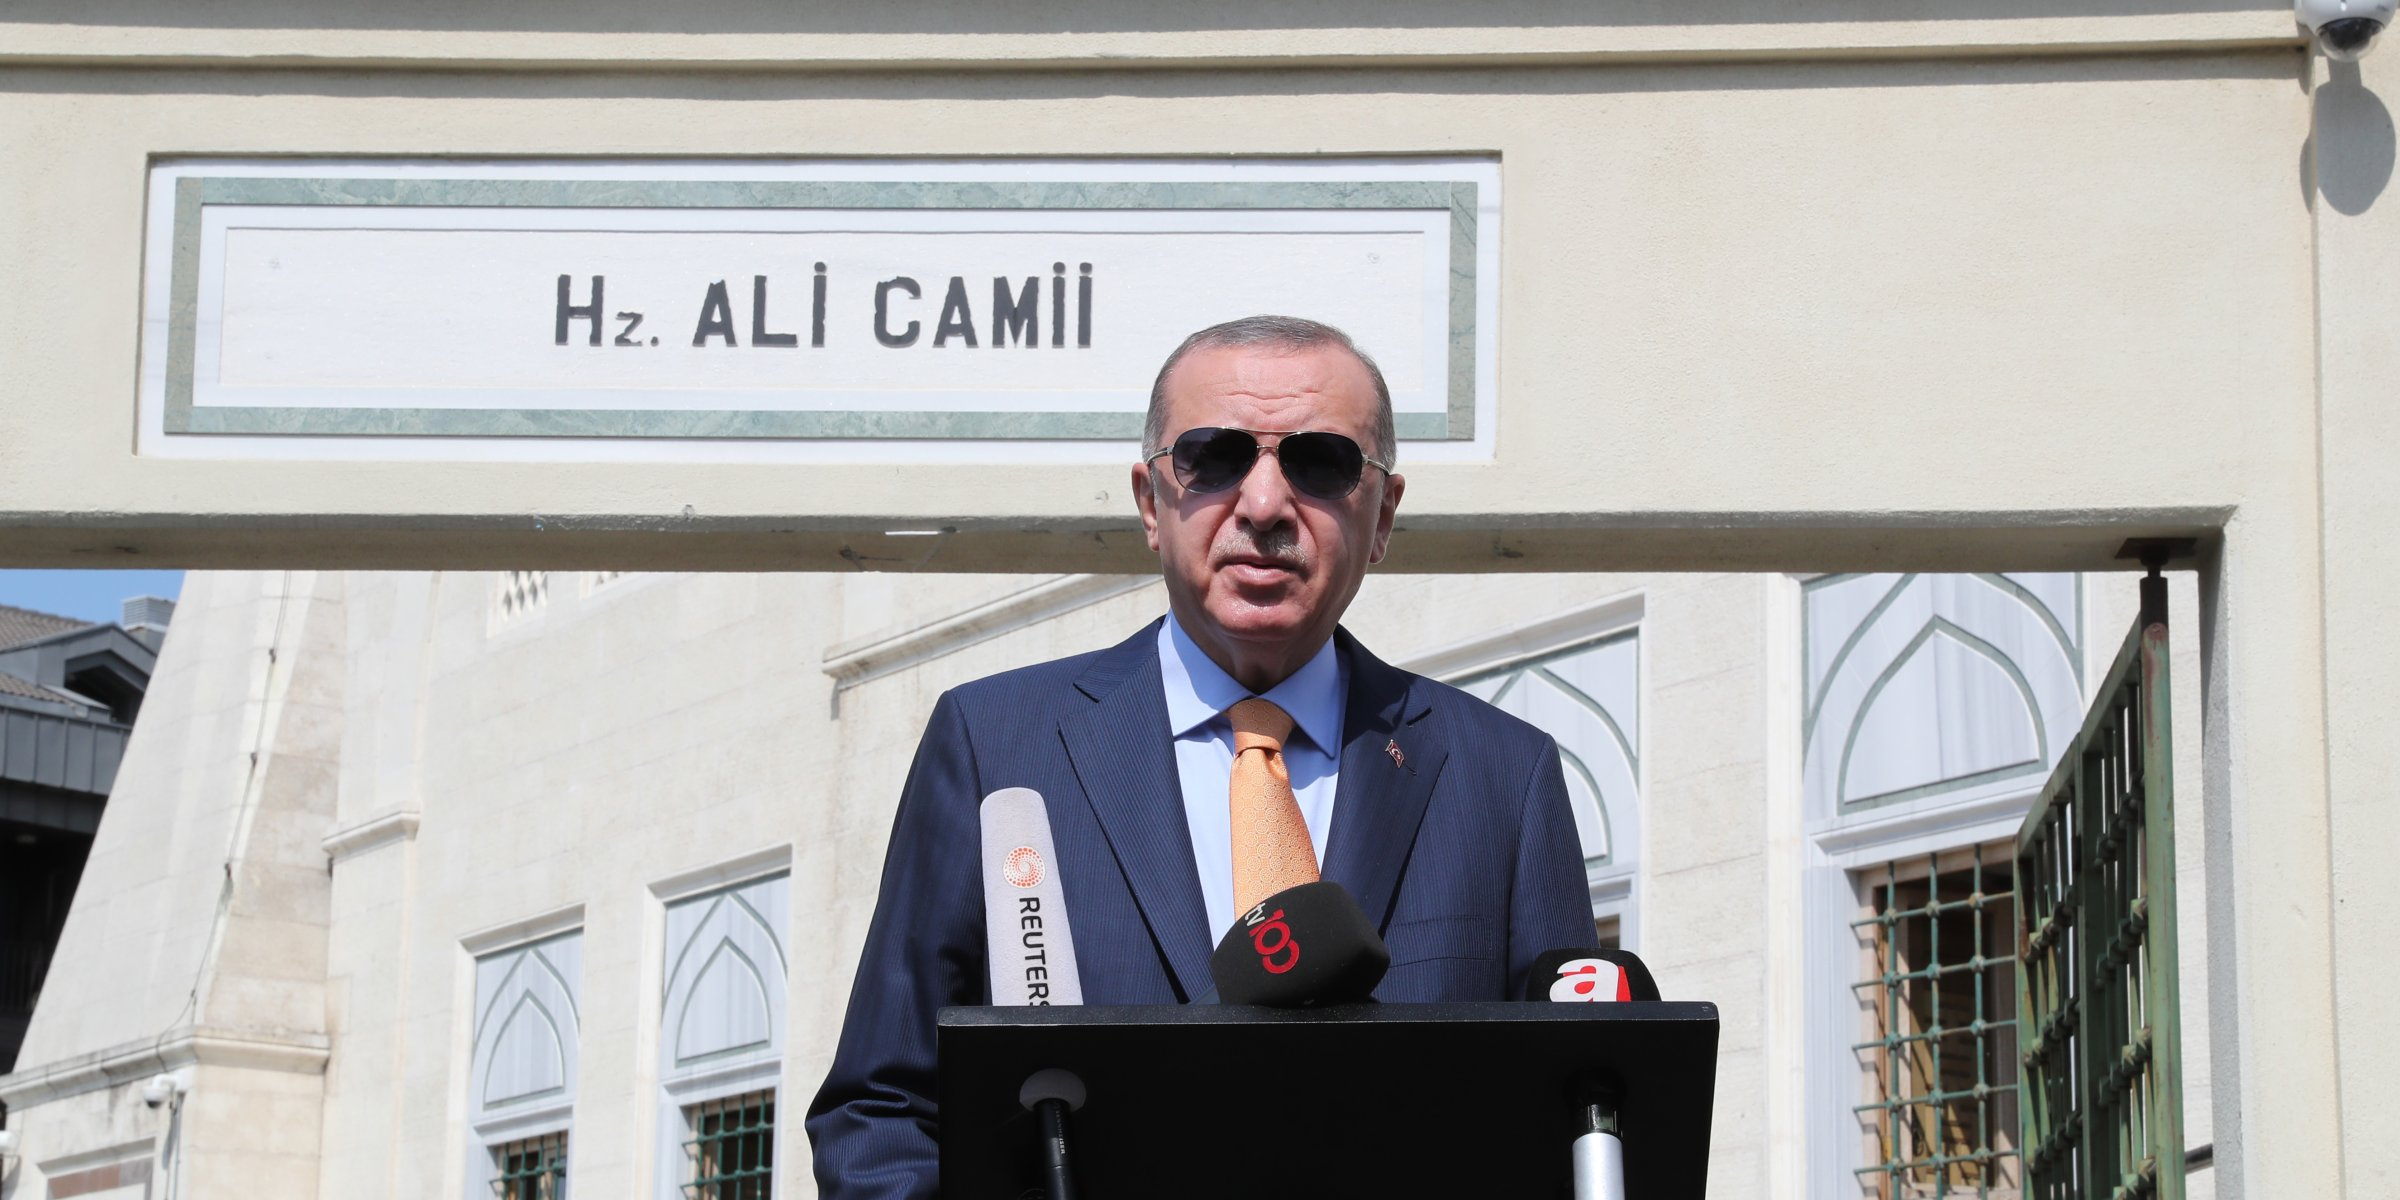 Turkey ready for East Med talks with Greece, Erdoğan says